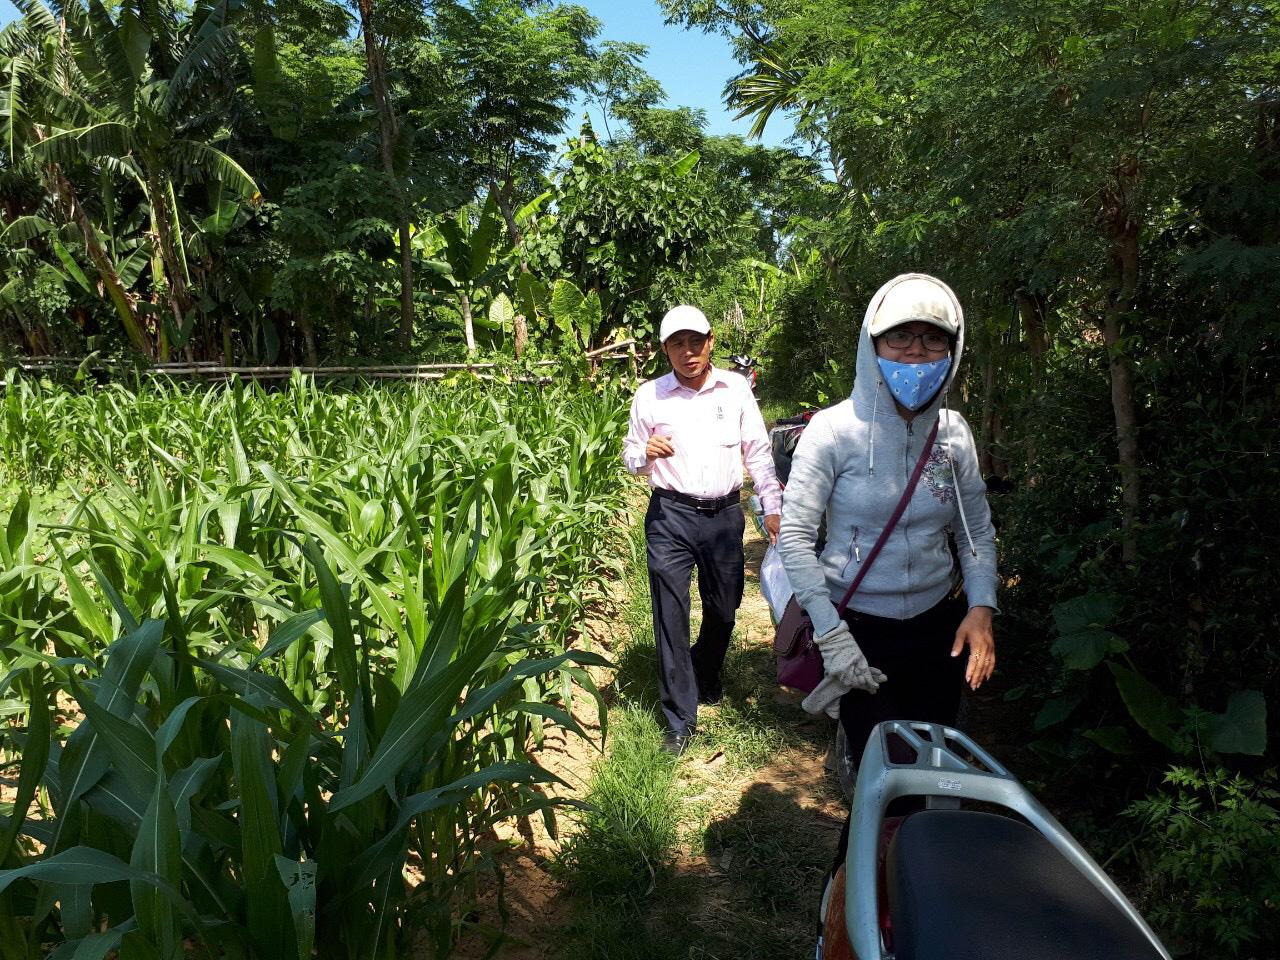 Quảng Nam: Tín dụng chính sách giúp người dân vững vàng phát triển kinh tế xã hội - Ảnh 5.